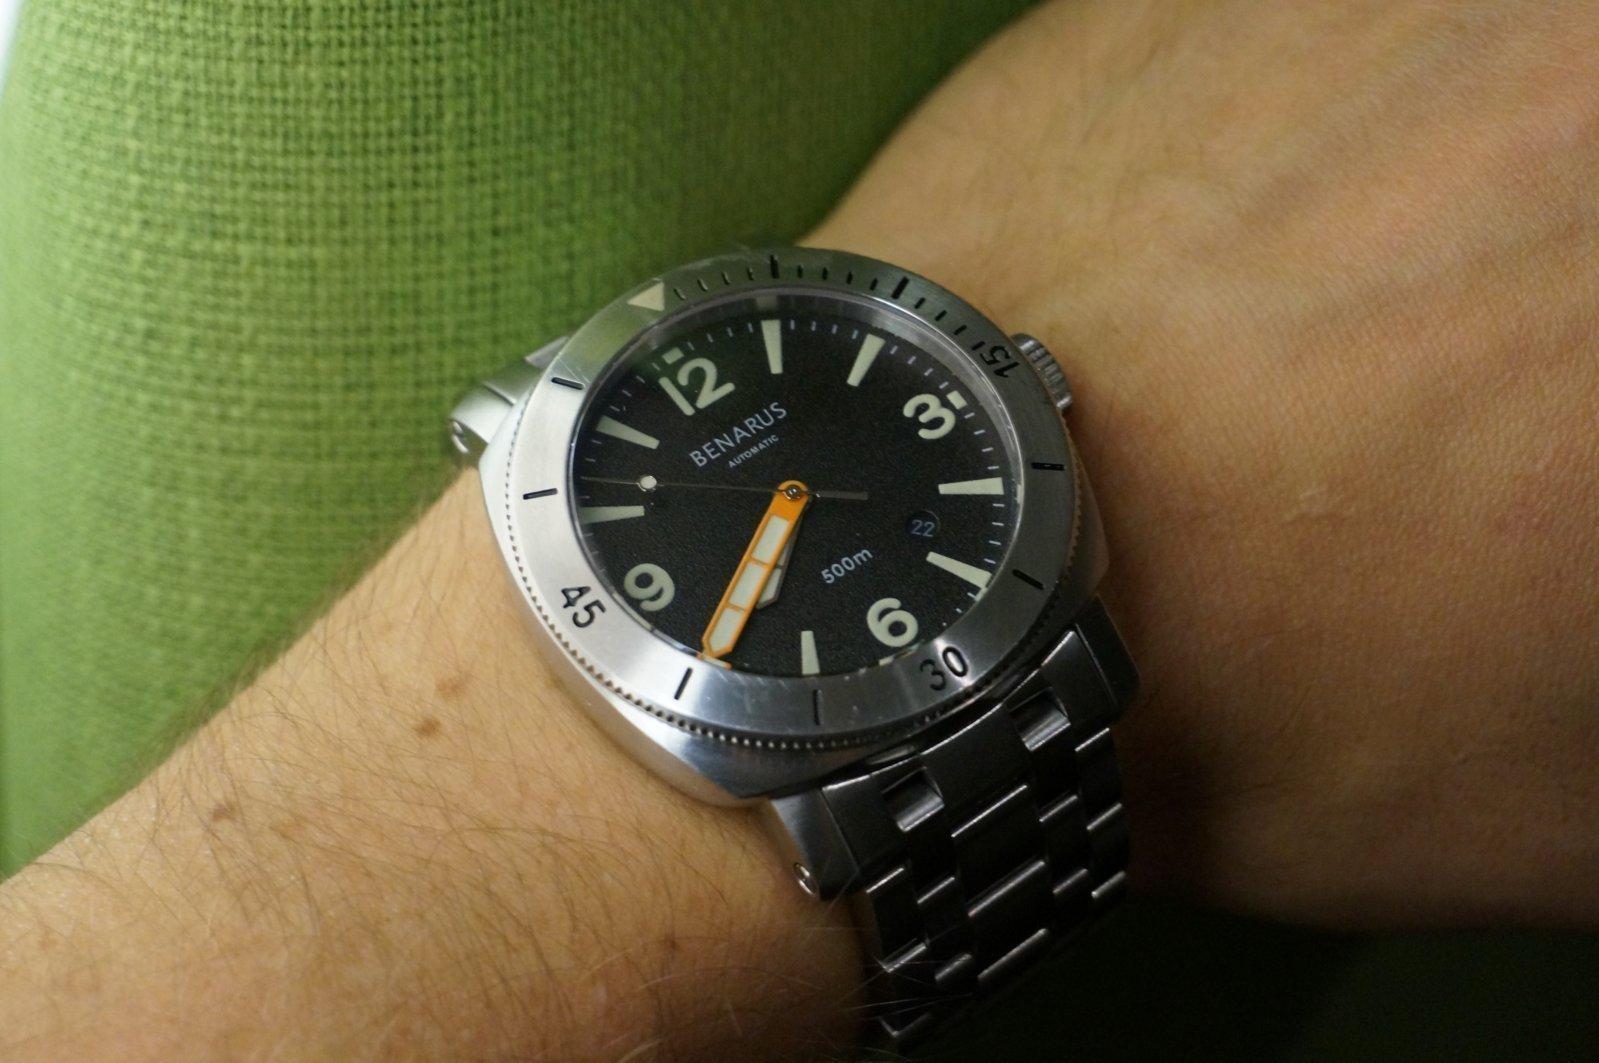 DSC04921 (Custom).JPG